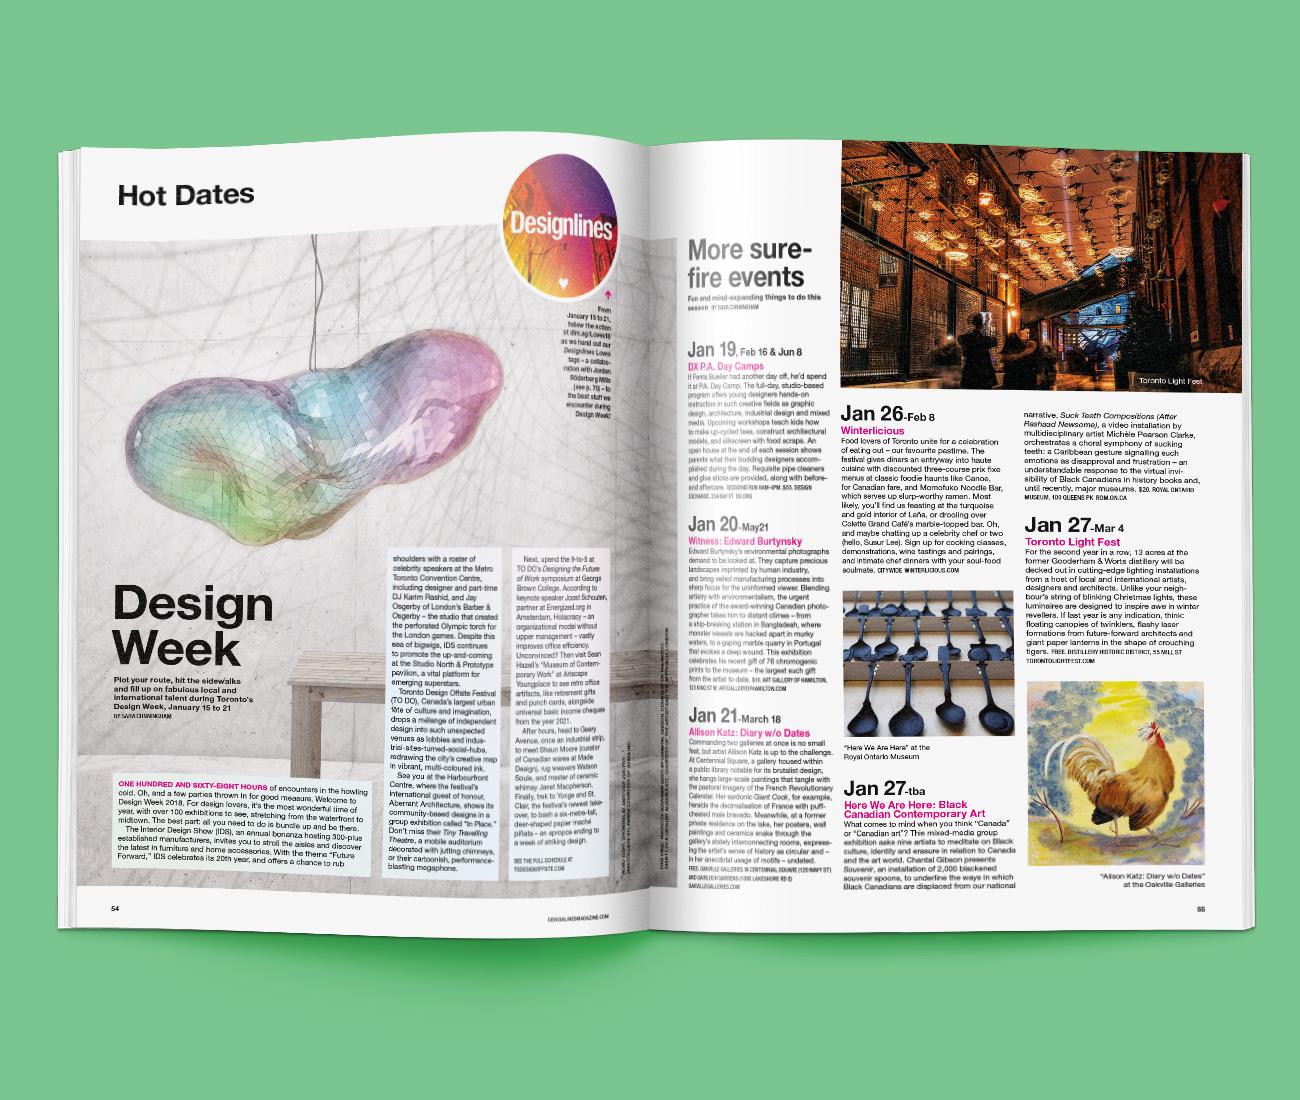 Design Week Toronto